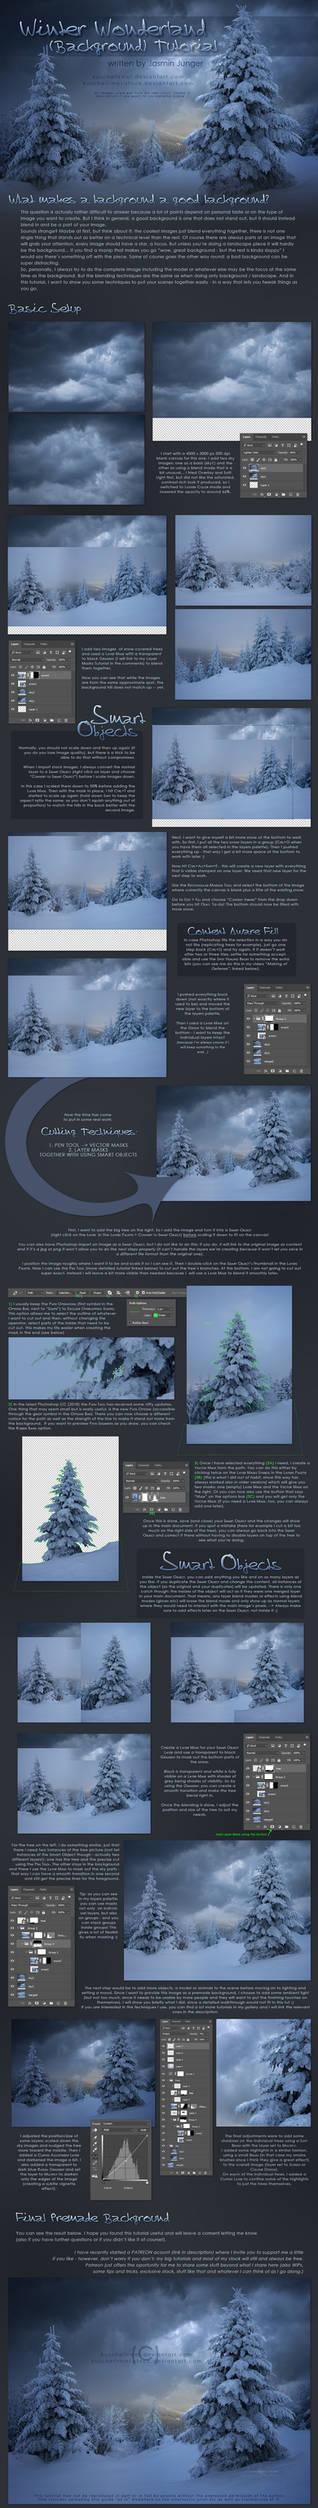 Winter Wonderland (Background) Tutorial